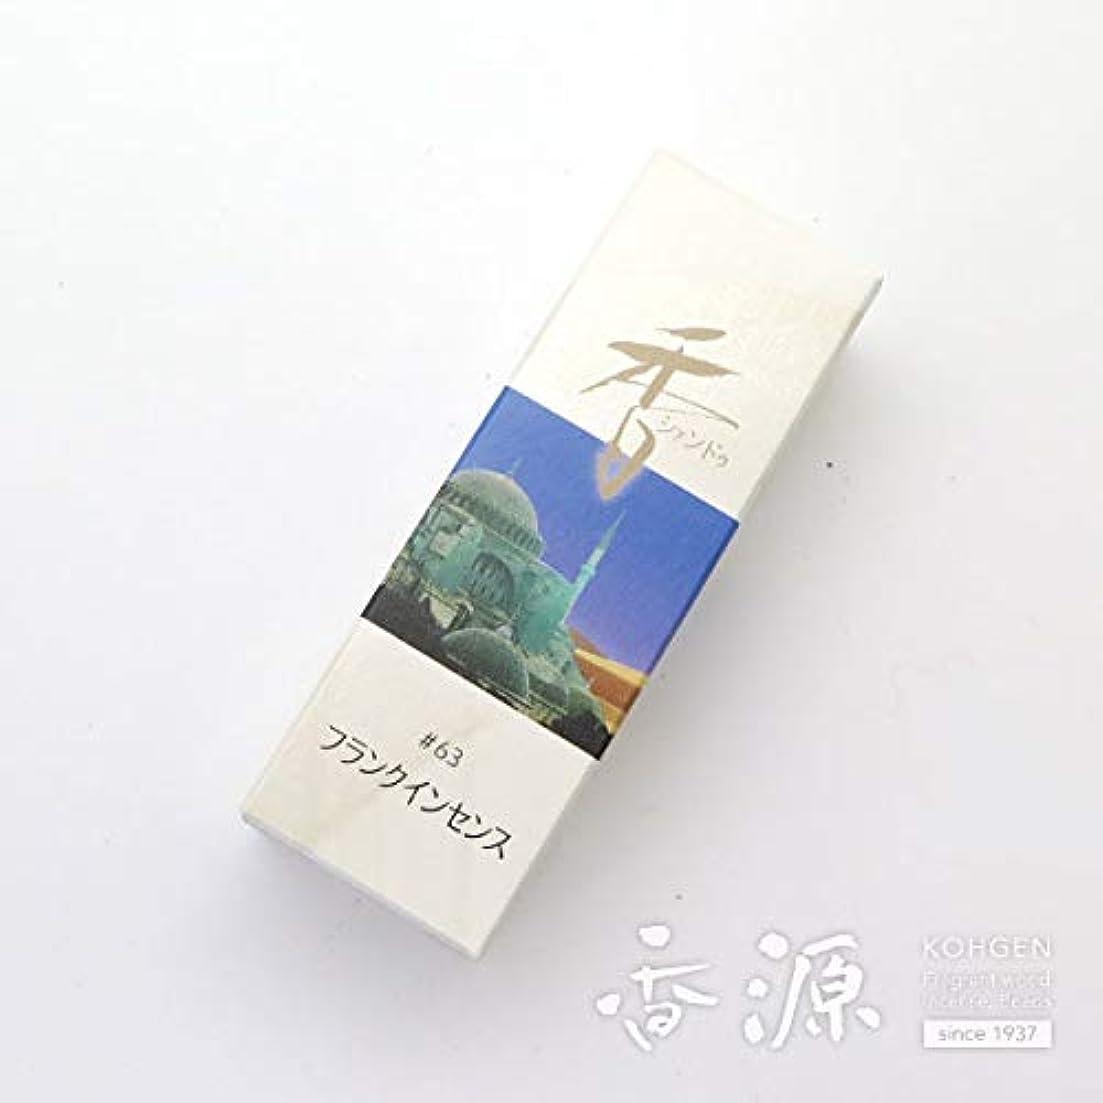 ポインタロッド偉業Xiang Do(シャンドゥ) 松栄堂のお香 フランクインセンス ST20本入 簡易香立付 #214263